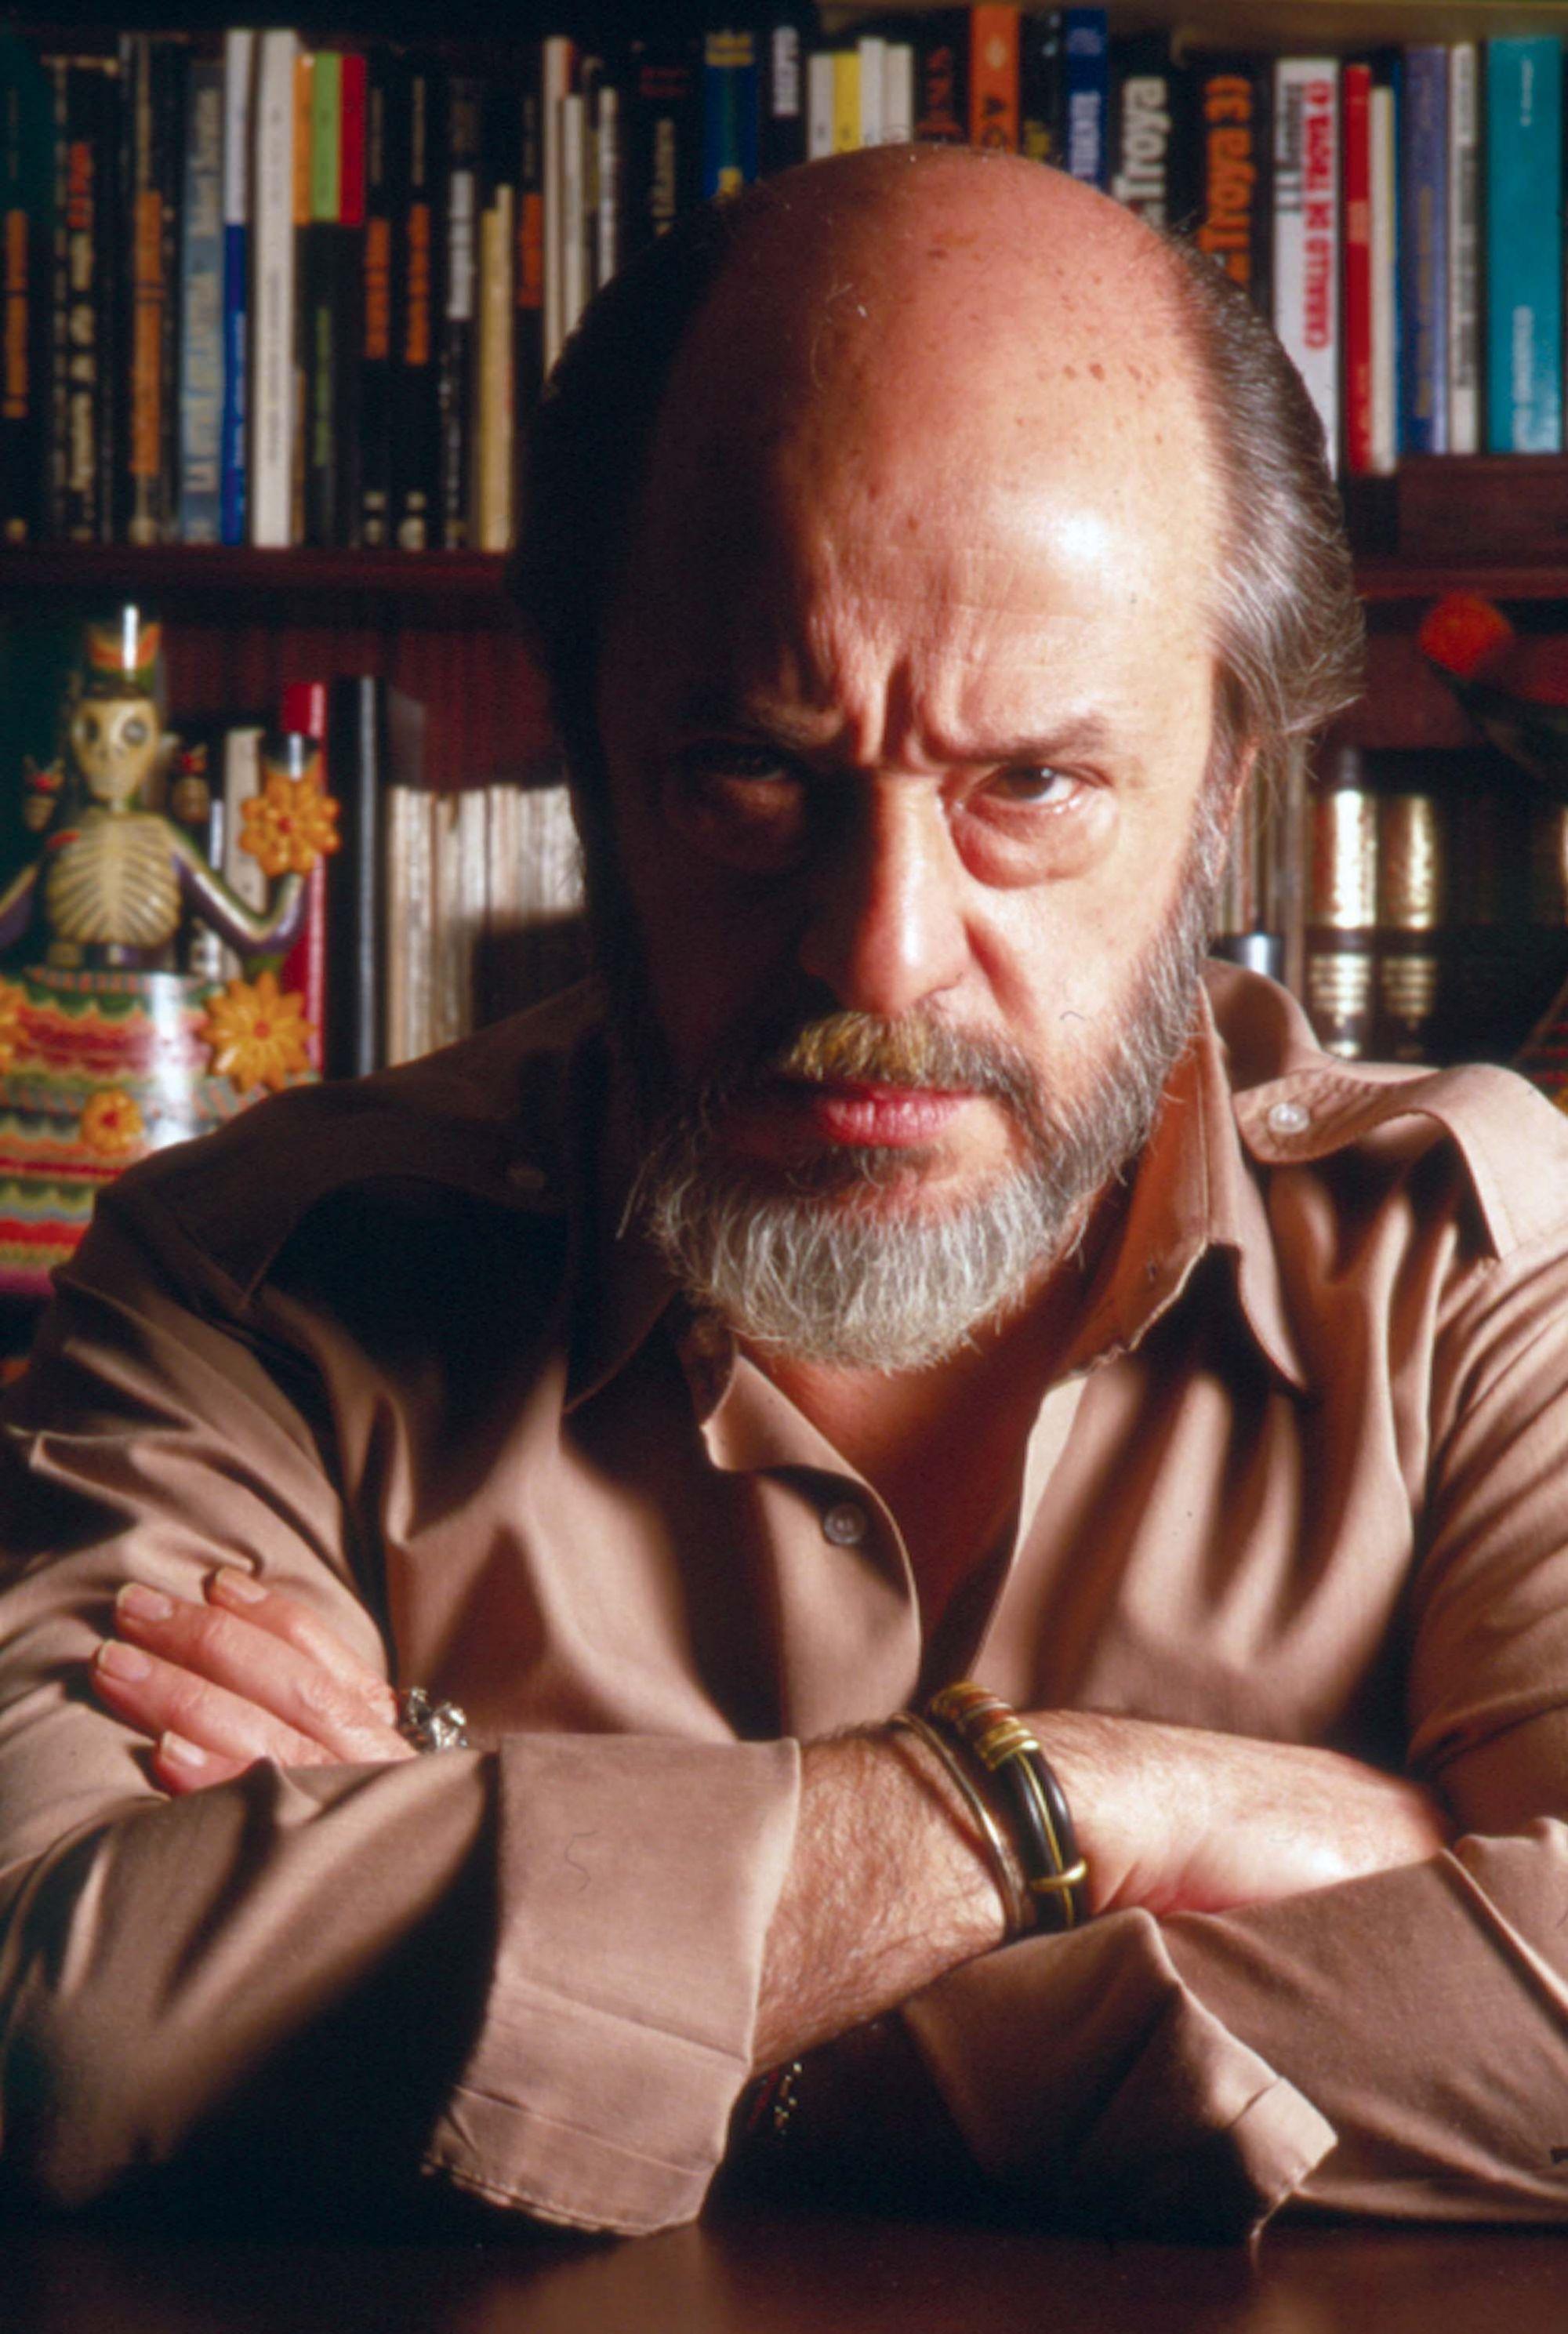 Fernando Jiménez del Oso: The heretic of Televisión Española